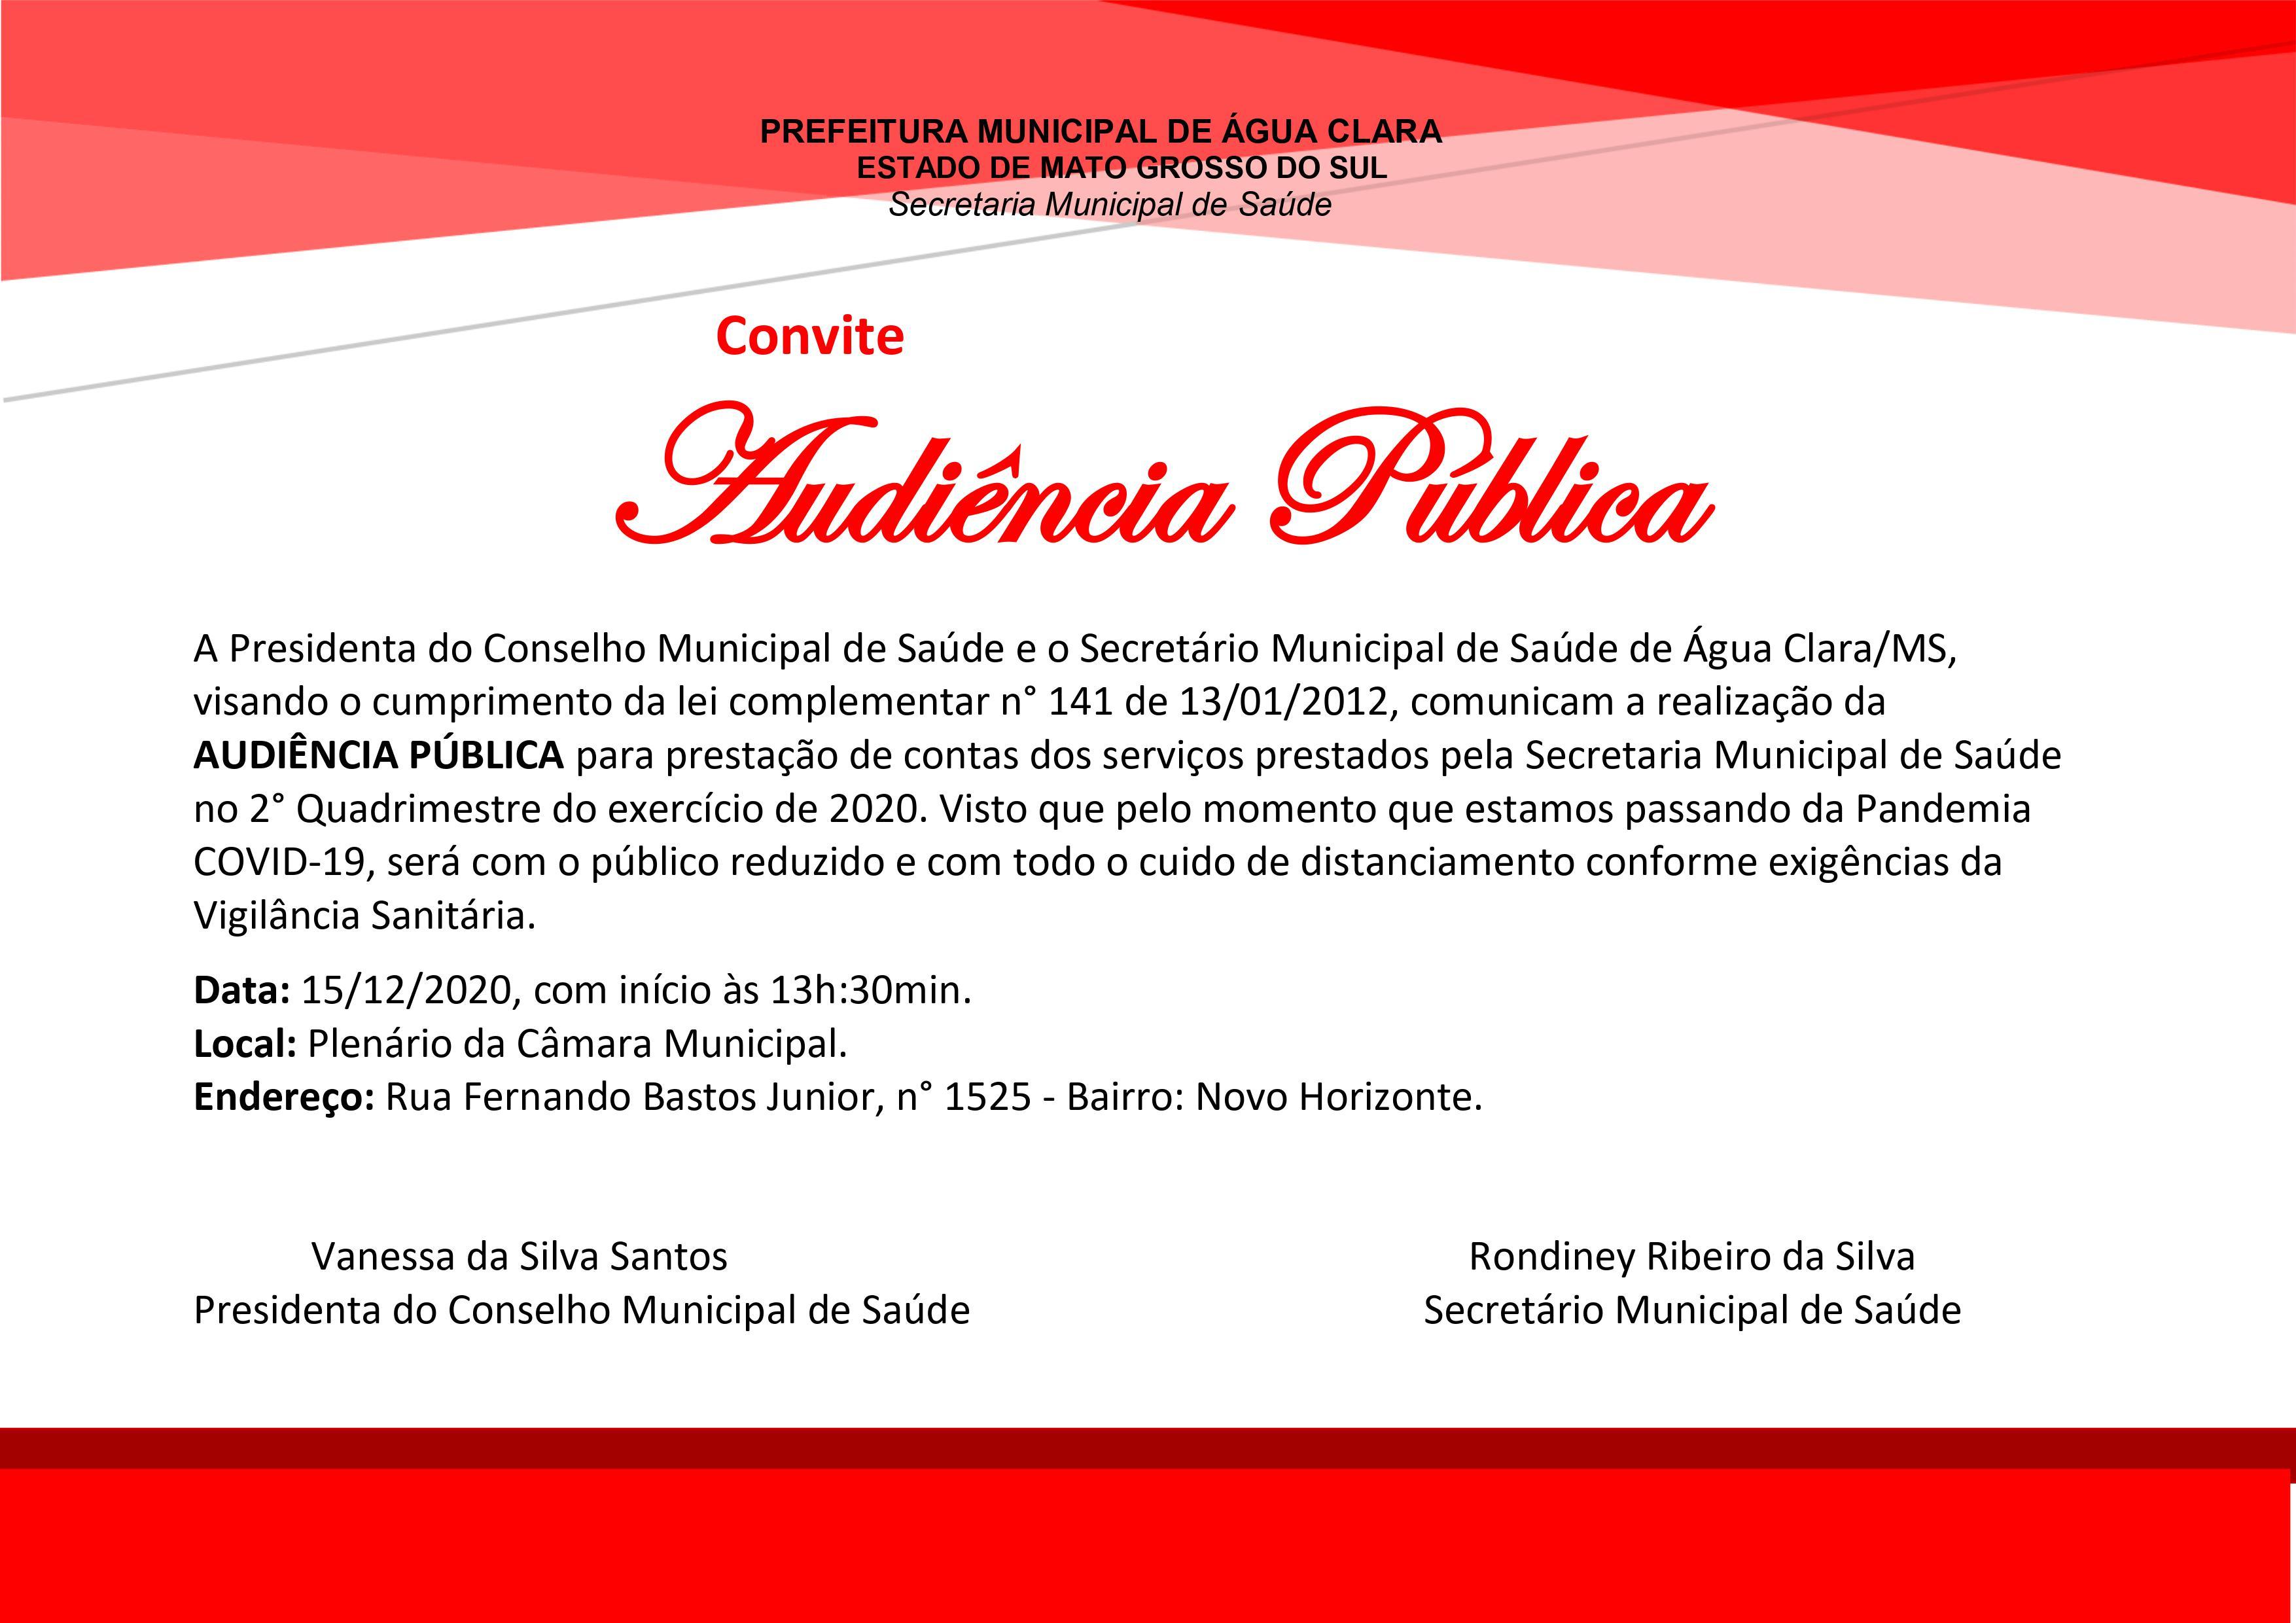 Saúde realiza na próxima terça-feira Audiência Pública de Prestação de Contas. Participe!